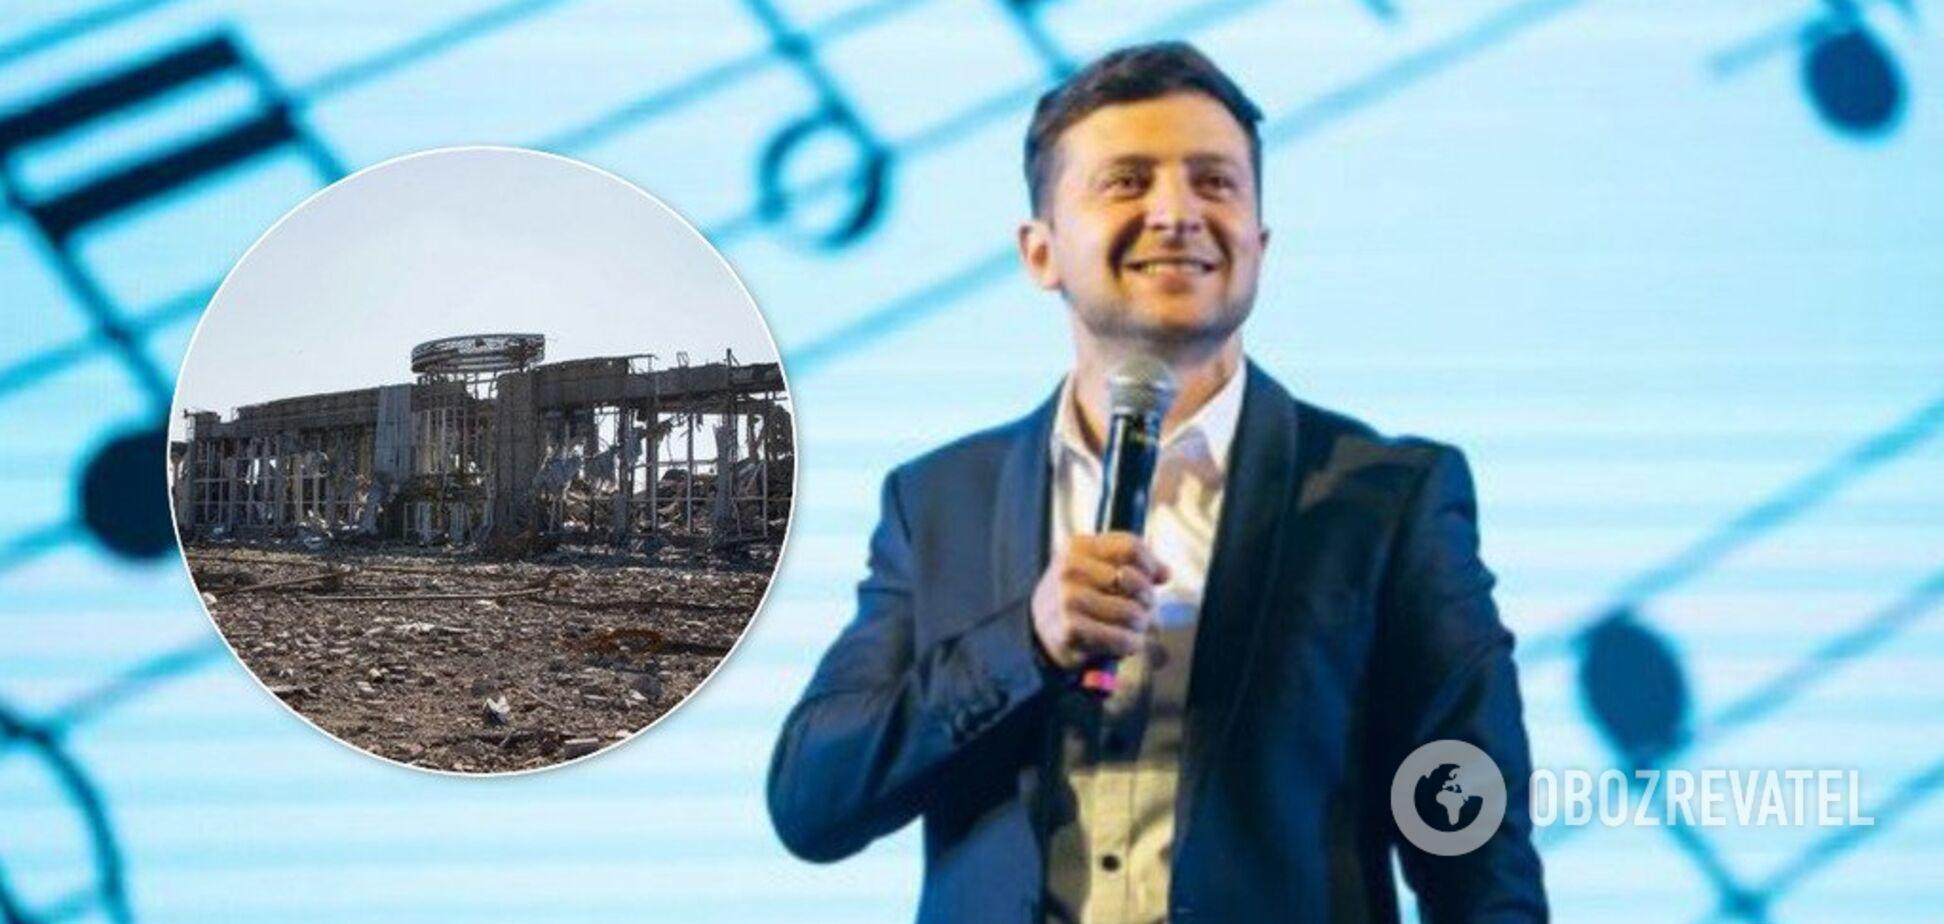 'У нас есть план': Зеленский предложил олигархам дать денег Донбассу